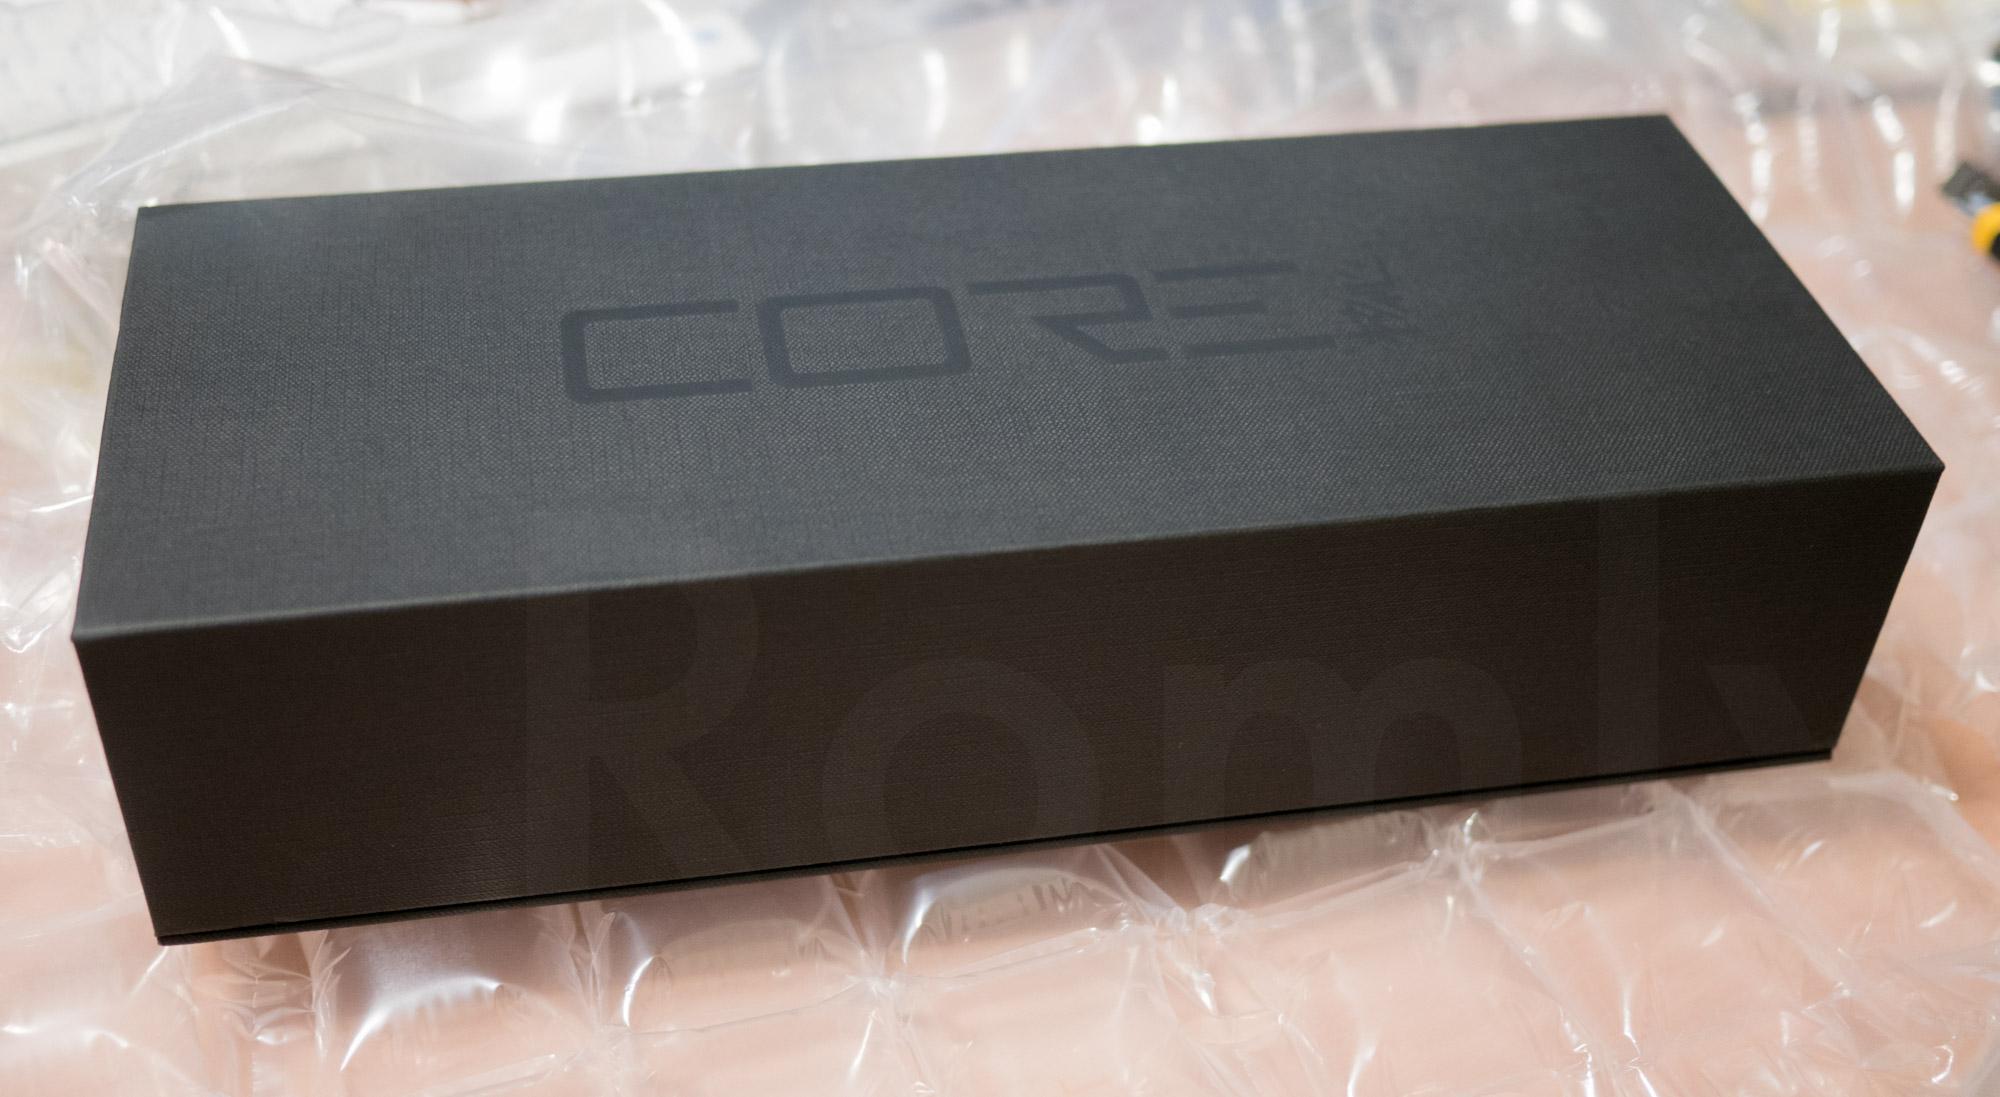 Vortex Core: The Box